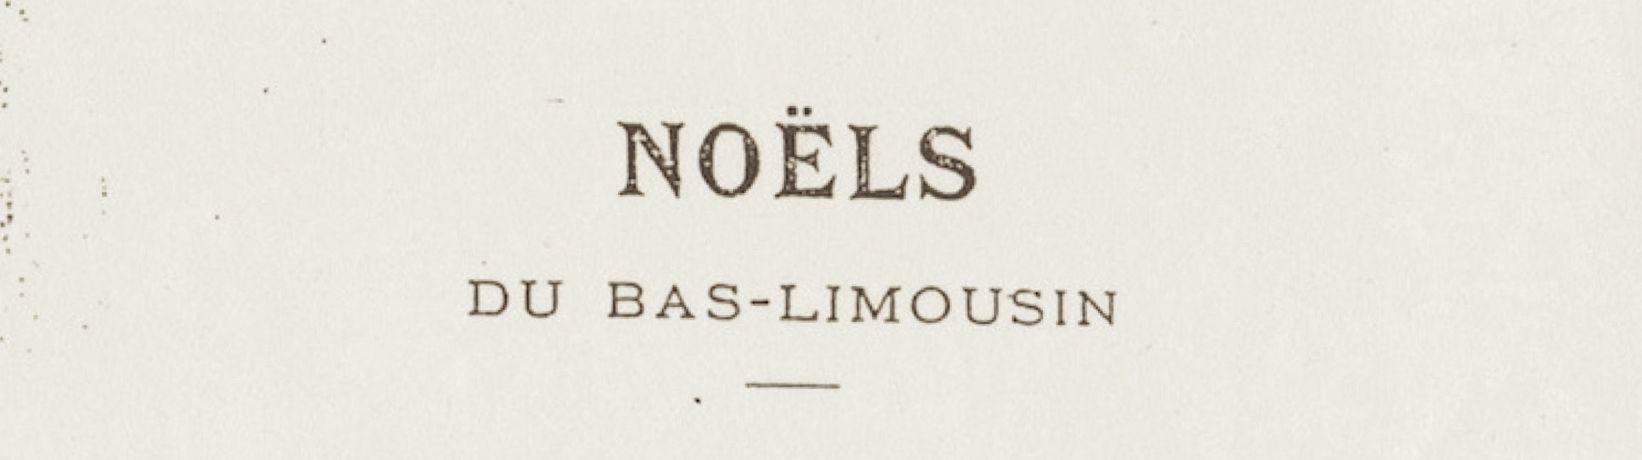 Titre-Noëls-du-bas-Limousin-copie-2-compressor